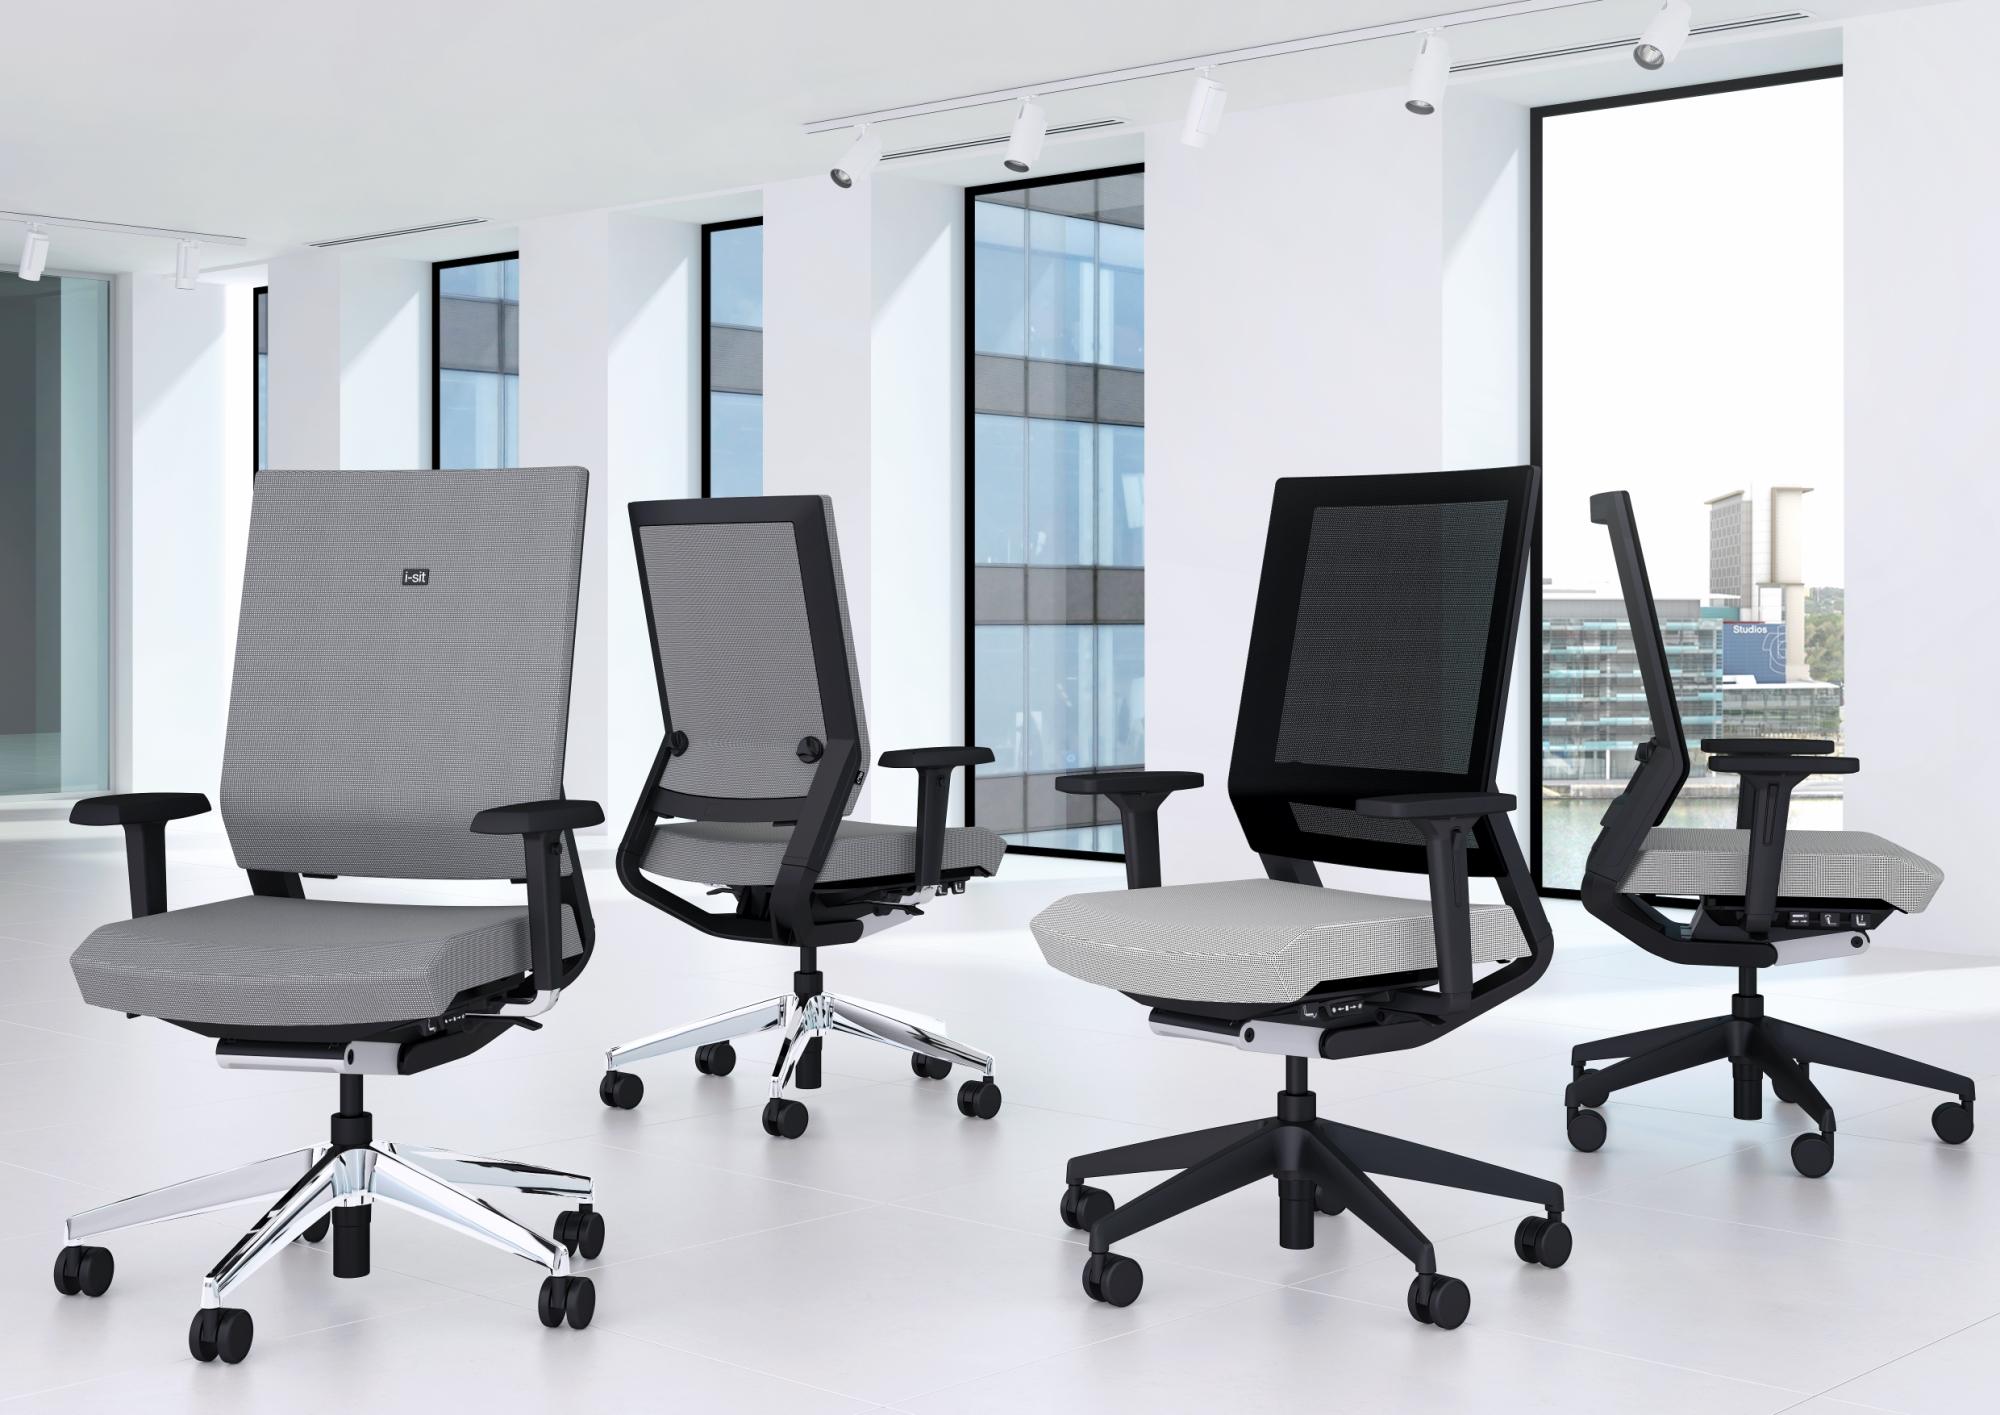 Một số sản phẩm ghế văn phòng hiện đại của hãng ELITE